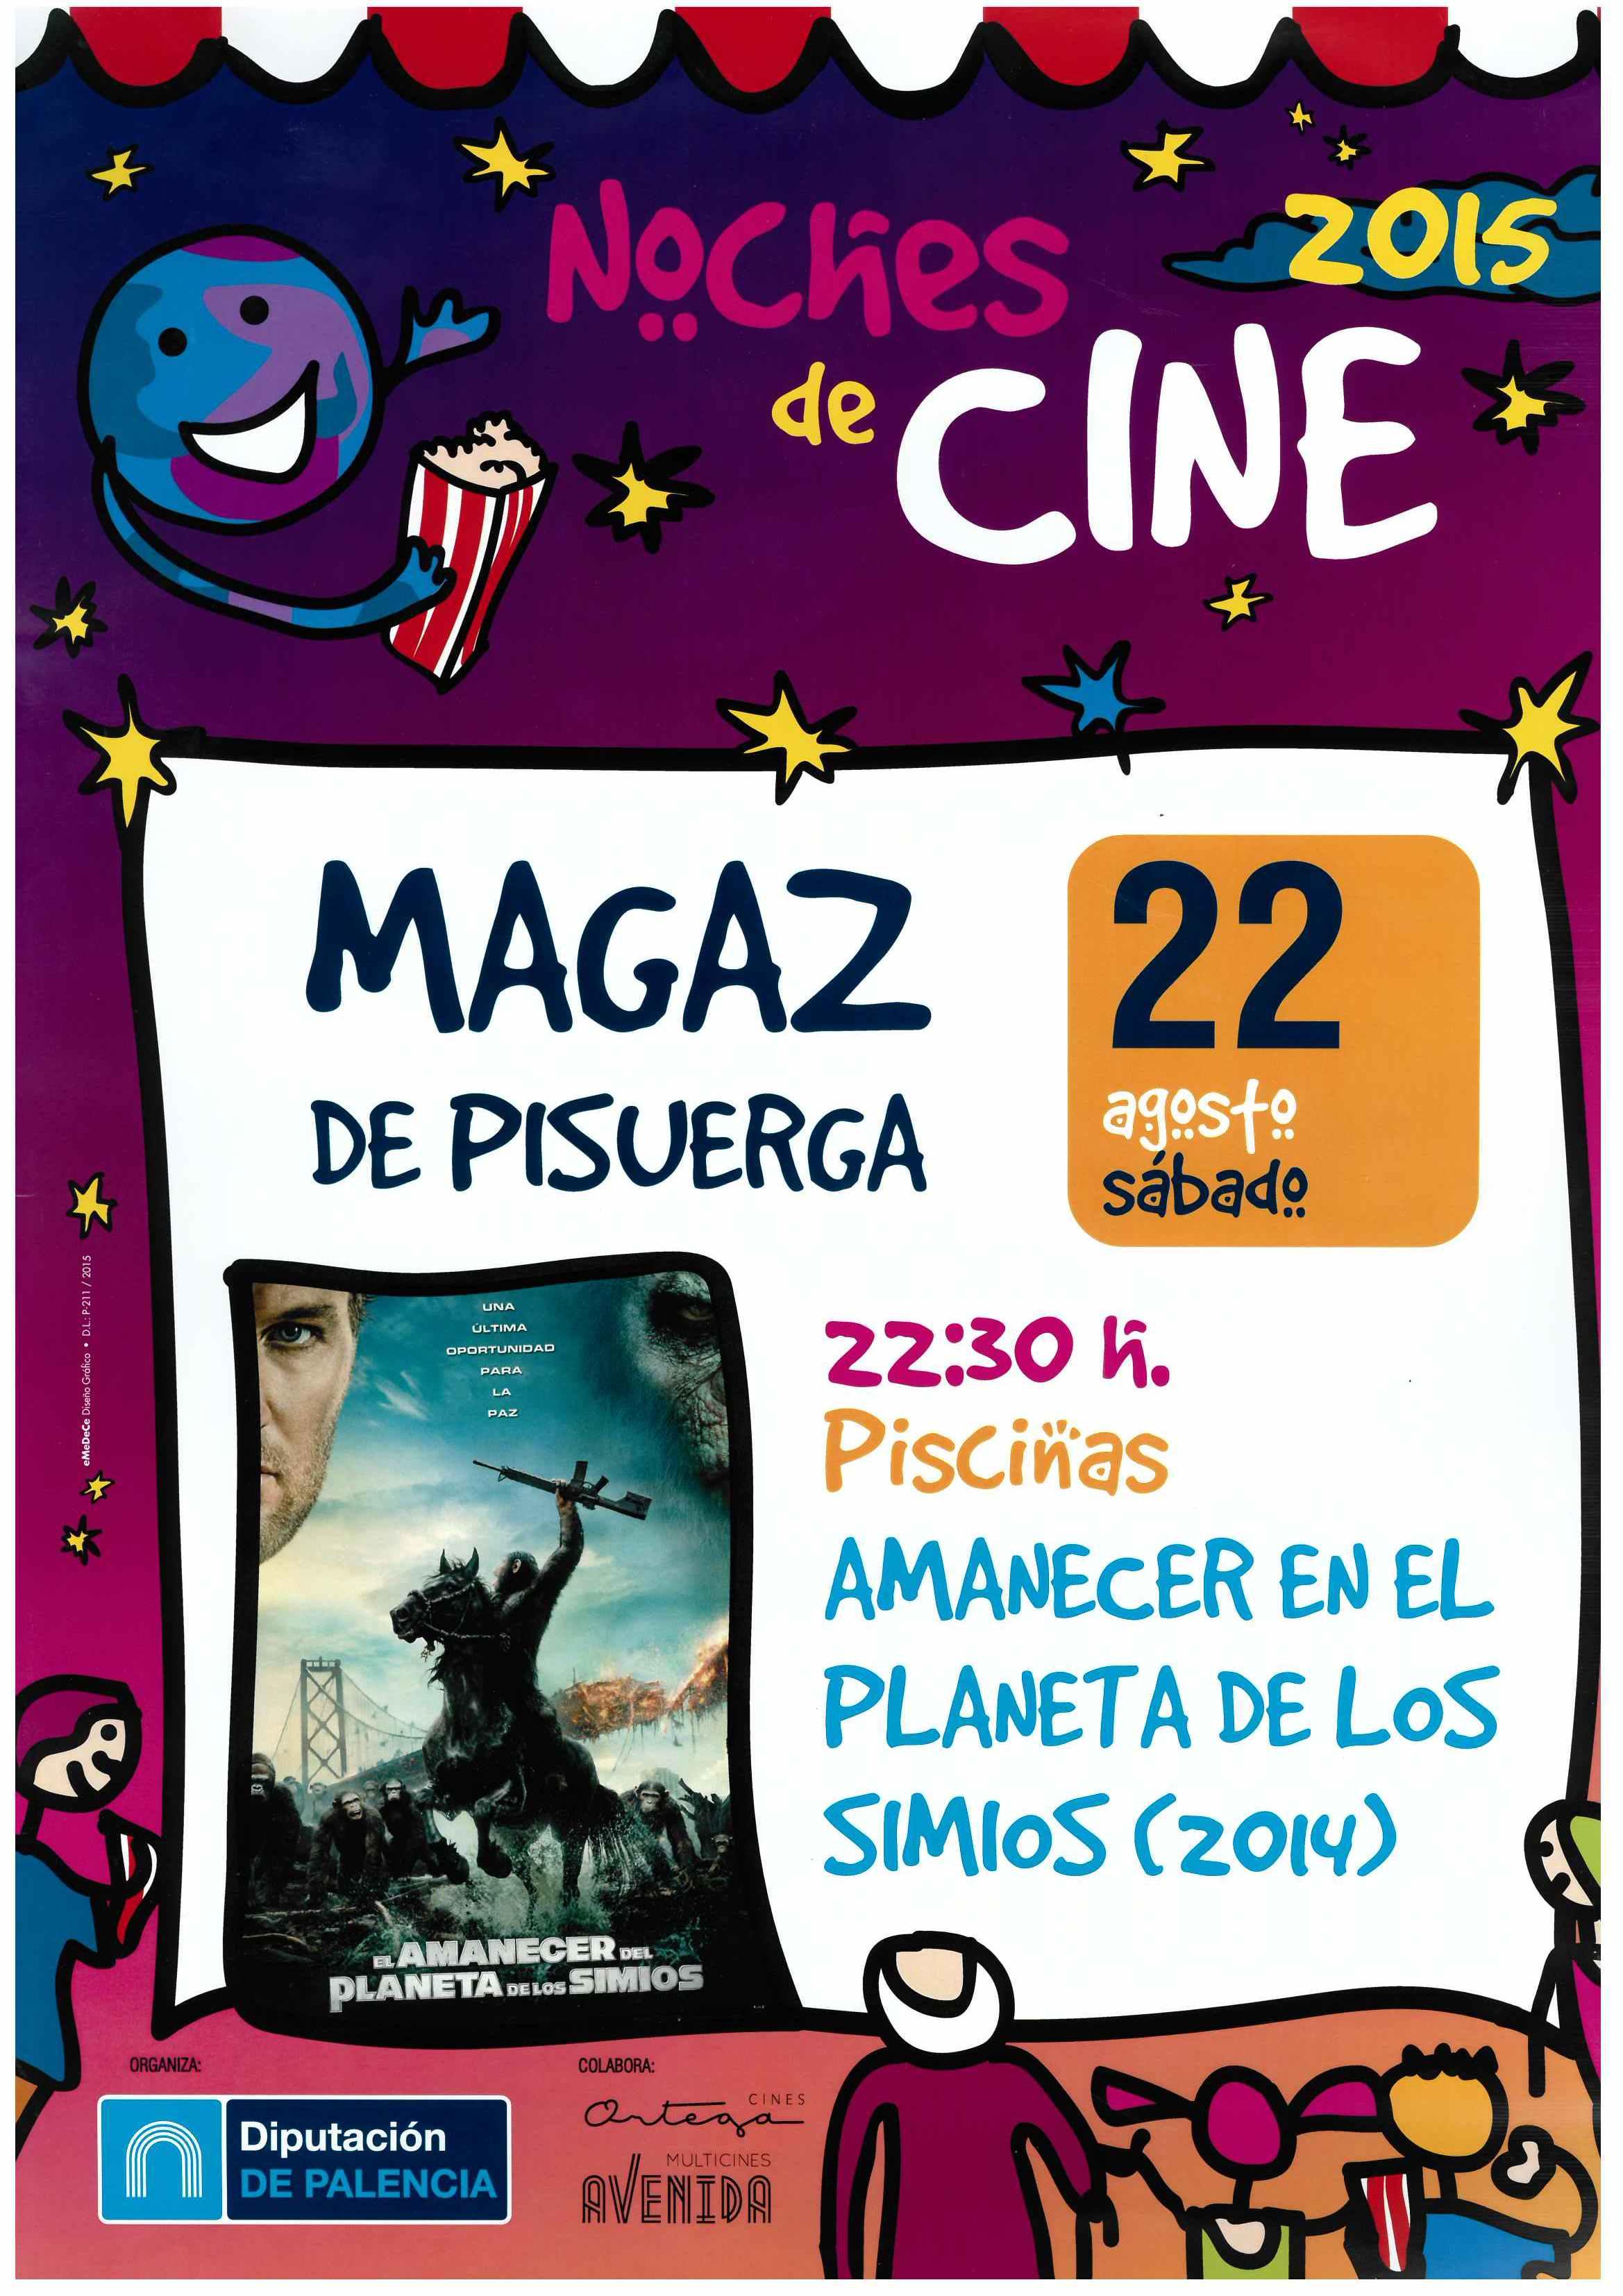 Noches de cine 2015